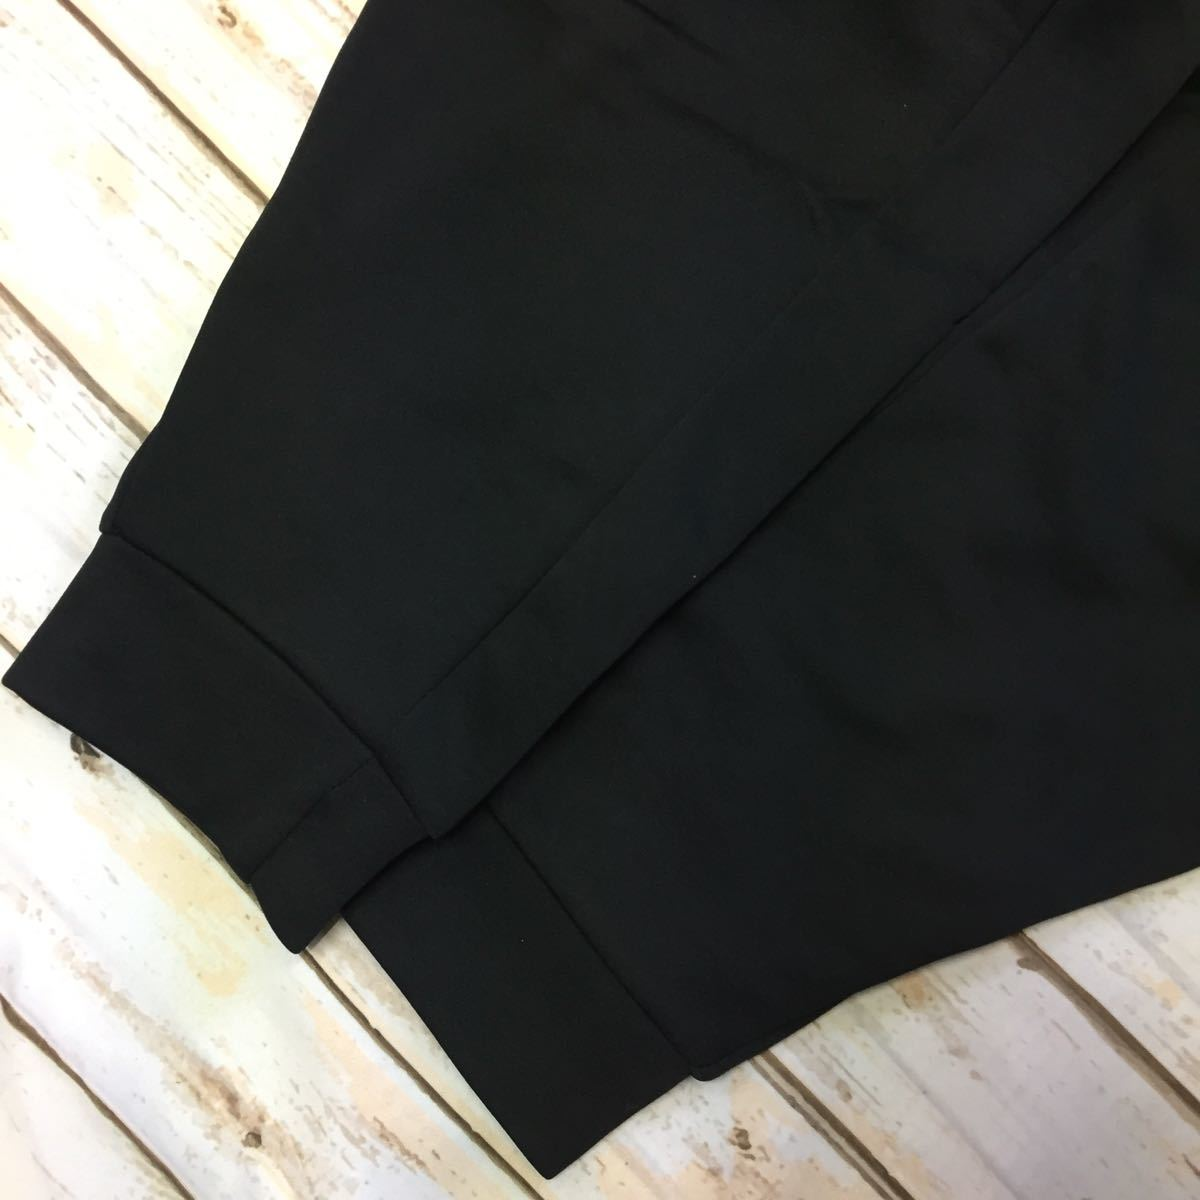 ナイキ NIKE テーパードパンツ 黒 L 新品